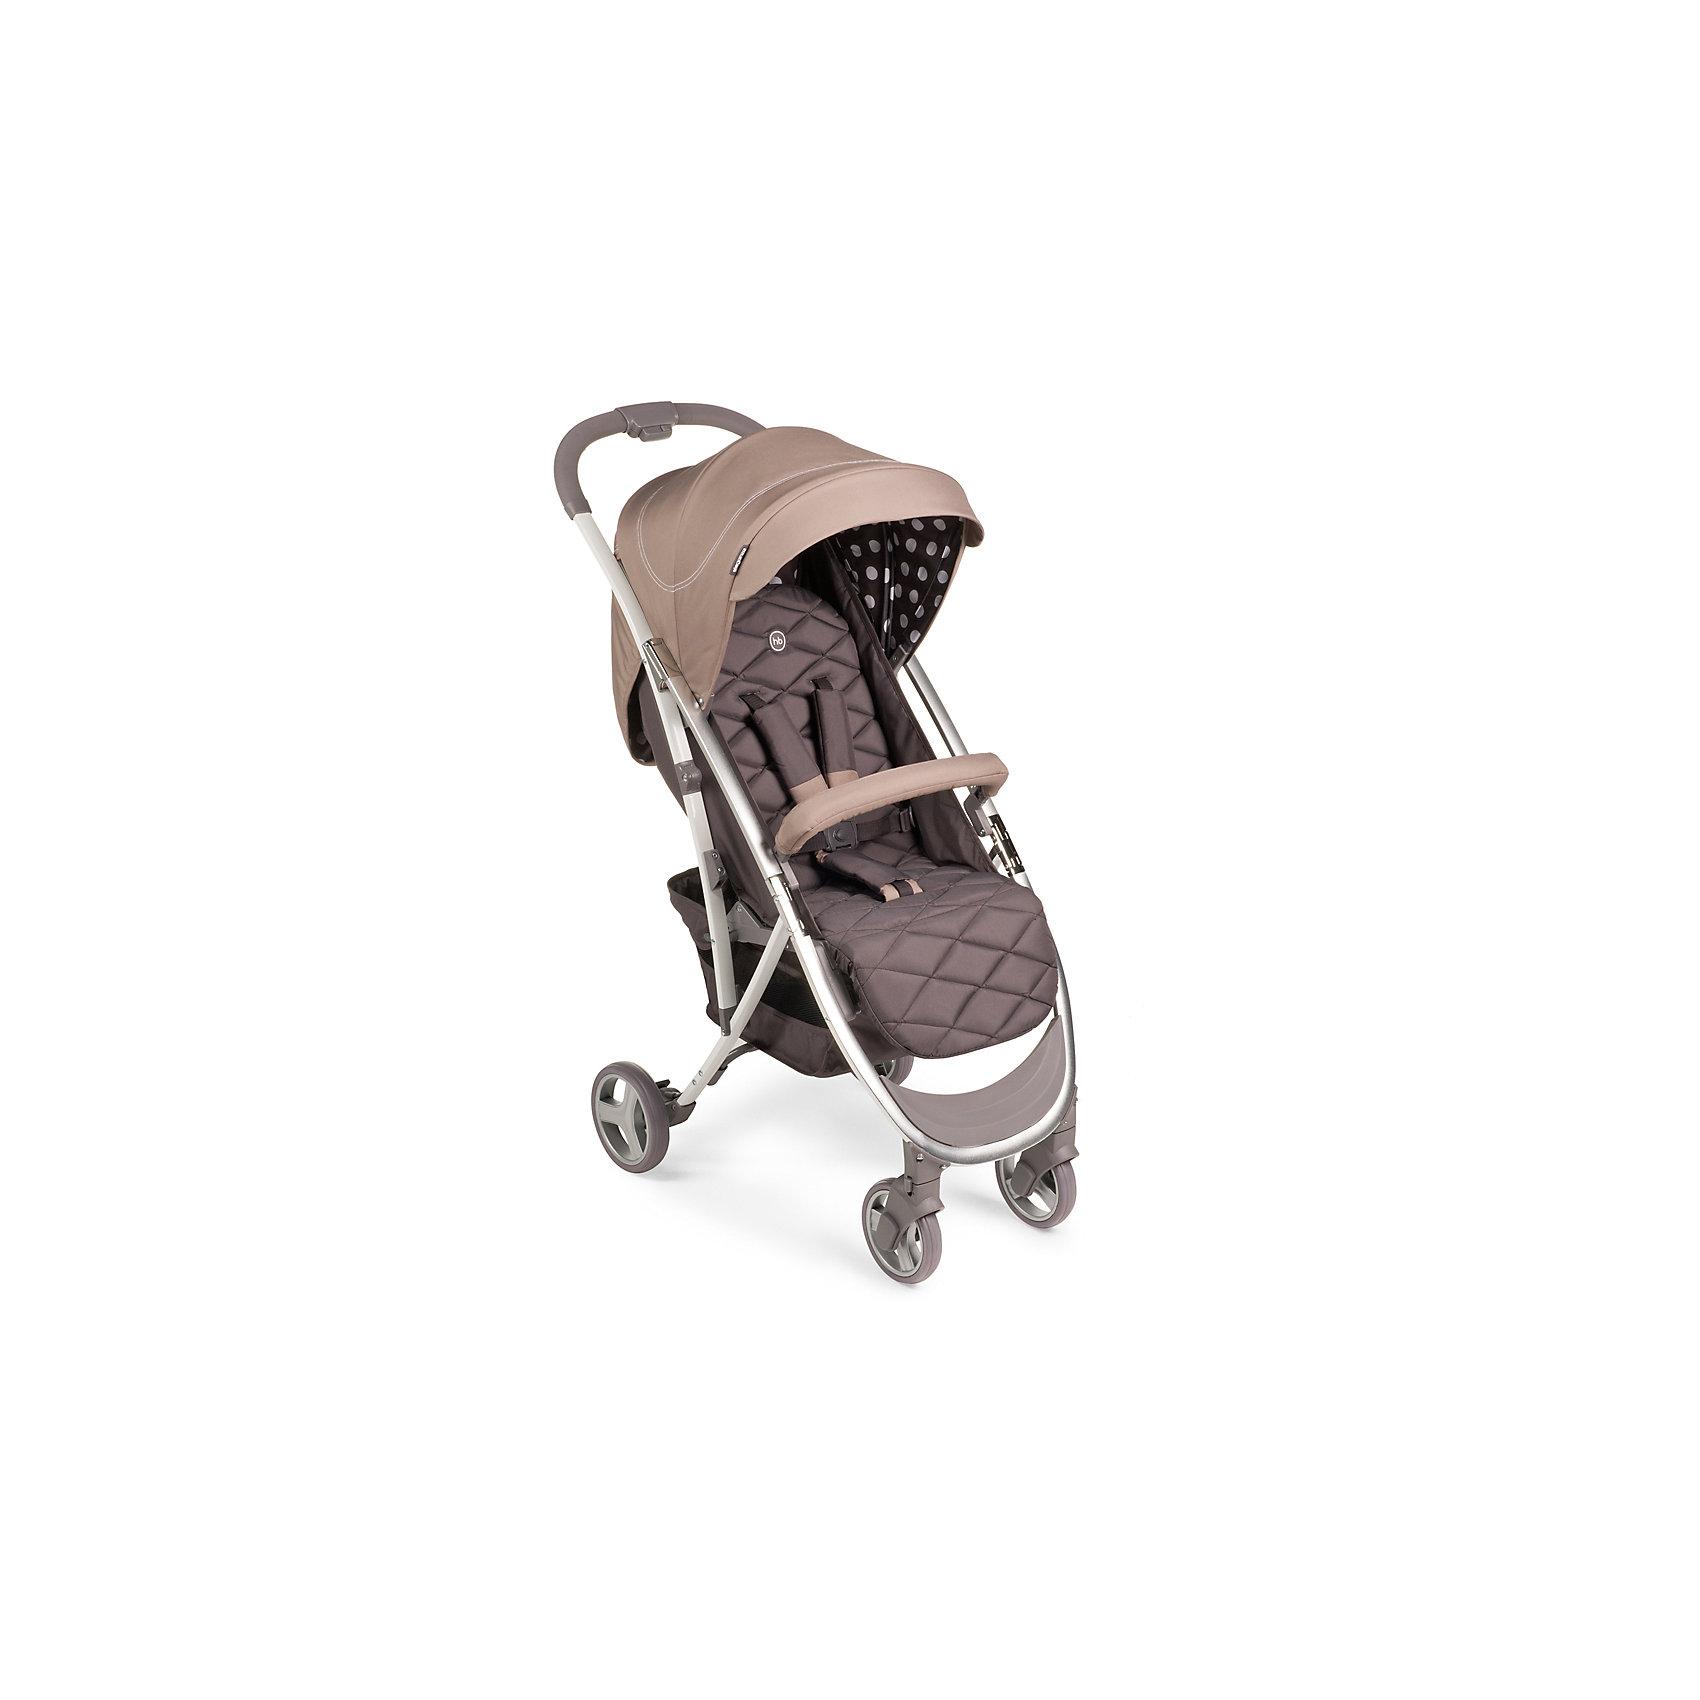 Прогулочная коляска Eleganza, Happy Baby, бежевыйМодель ELEGANZA объединяет в себе стиль и отличные ходовые<br>данные, которые по достоинству оценят как владельцы коляски,<br>так и окружающие. Коляска легко складывается одной рукой,<br>имеет амортизацию на передних и задних колесах и занимает мало места в сложенном виде. При весе всего 6,6 кг коляска ELEGANZA имеет съемный бампер, козырек с окошком, регулируемую спинку. Комплектуется дождевиком, чехлом на ножки, москитной сеткой и корзиной.   от 7 месяцев до 3 лет (Максимальный вес ребенка: 15 кг)<br>Ширина сиденья: 31 см<br>Глубина сиденья: 21 см + 21 см (подножка)<br>Длина спинки: 45см<br>Кол-во положений спинки: 3<br>Углы наклона спинки: 100, 120, 170<br>Подножка регулируется: 2 положения<br>Передние поворотные колеса (360°) с возможностью фиксации <br>Задние колеса оснащены тормозным механизмом<br>Амортизация передних и задних колес<br>Cкладывается одной рукой<br>Съемный бампер                                 <br>В сложенном виде занимает мало места                                                                                   <br>Капюшон со смотровым окошком  <br>Вместительная корзина для покупок<br>Тип складывания: книжка<br>Вес коляски: 7,7 кг<br>В комплекте: дождевик, чехол на ножки, москитная сетка, корзина для покупок.<br><br>Прогулочную коляску Eleganza, Happy Baby, бежевый можно купить в нашем магазине.<br><br>Ширина мм: 250<br>Глубина мм: 445<br>Высота мм: 700<br>Вес г: 8900<br>Цвет: бежевый<br>Возраст от месяцев: 7<br>Возраст до месяцев: 36<br>Пол: Унисекс<br>Возраст: Детский<br>SKU: 4580595